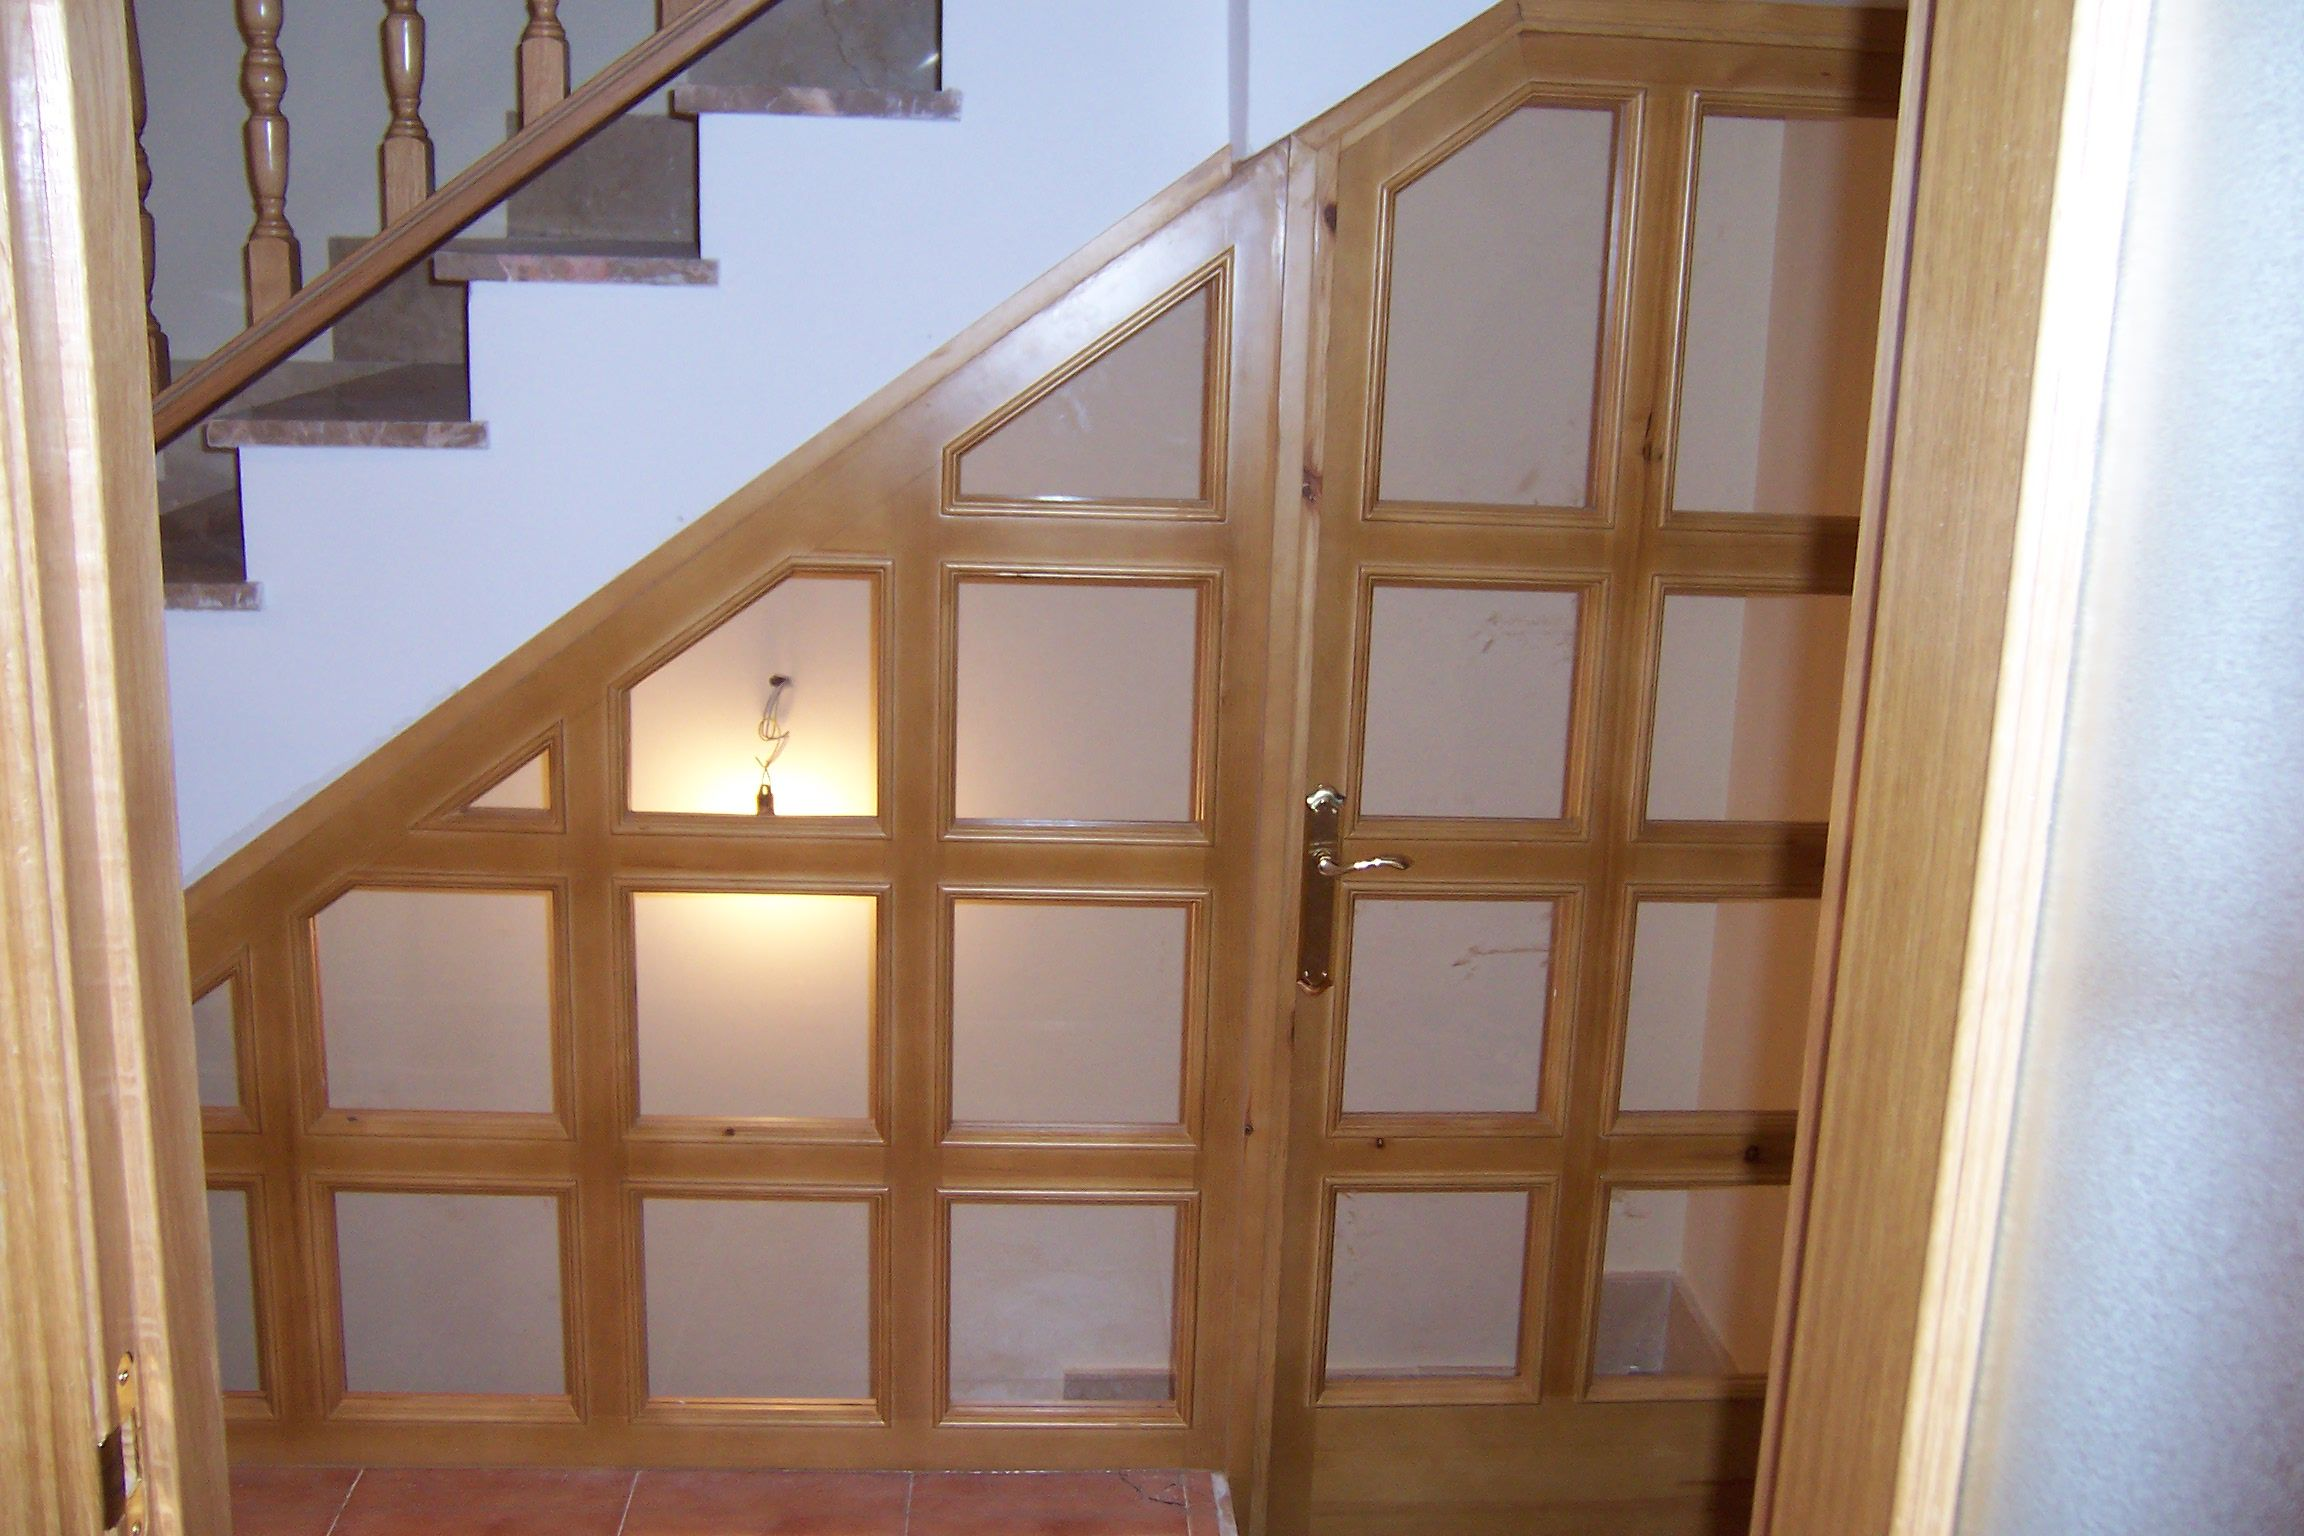 Cerramiento Bajo Escalera Que Aisla Y Separa La Entrada De La Planta Baja Del Garaje A La Planta Principal Escaleras Rusticas Decoraciones De Casa Planta Baja